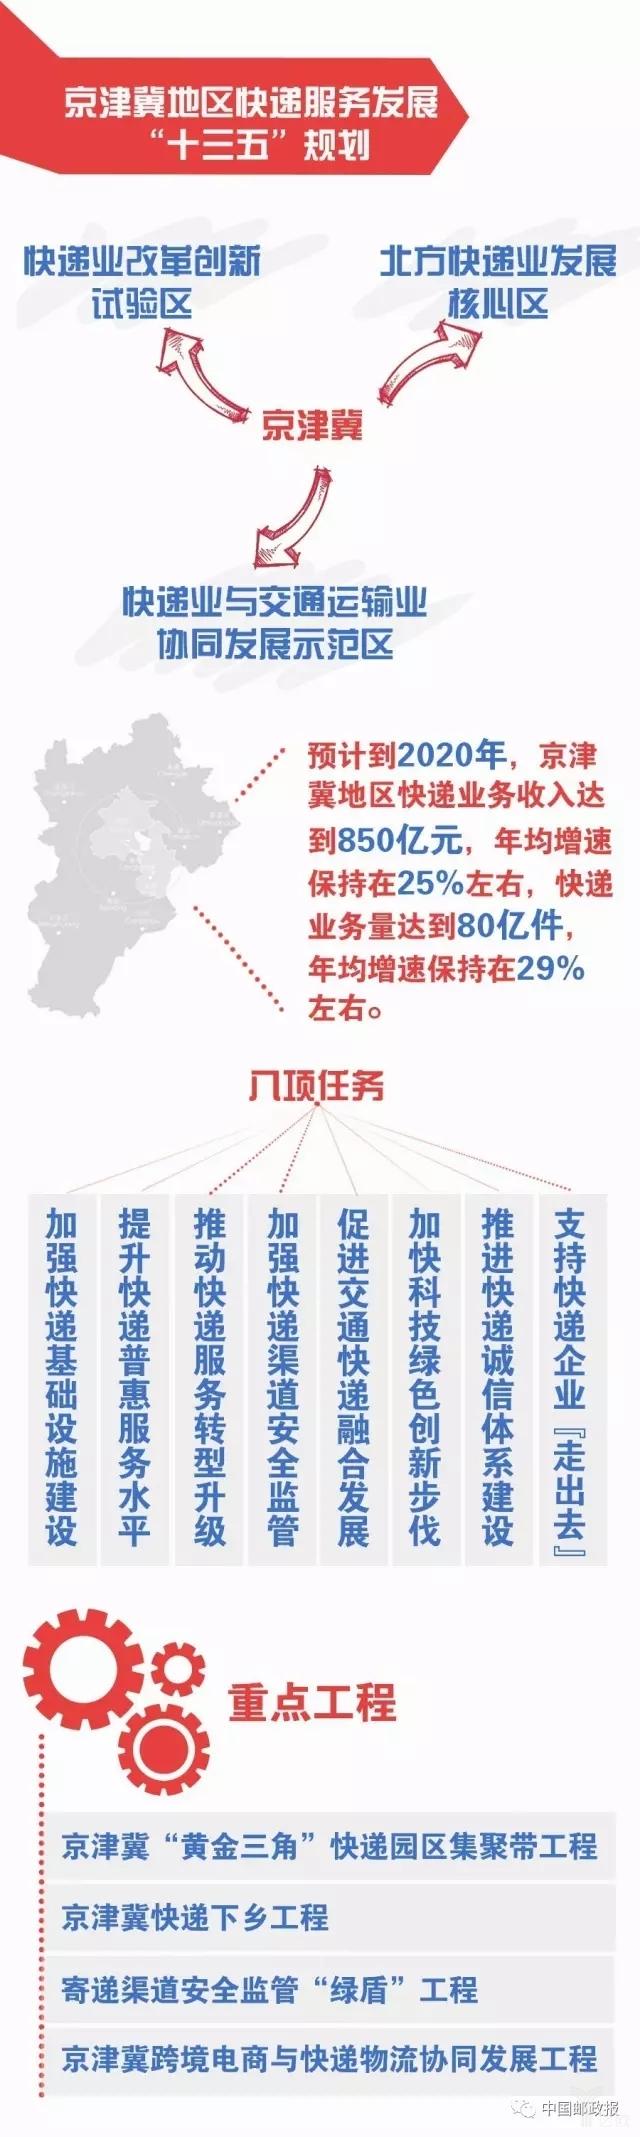 """图解三大区域快递服务发展""""十三五""""规划"""